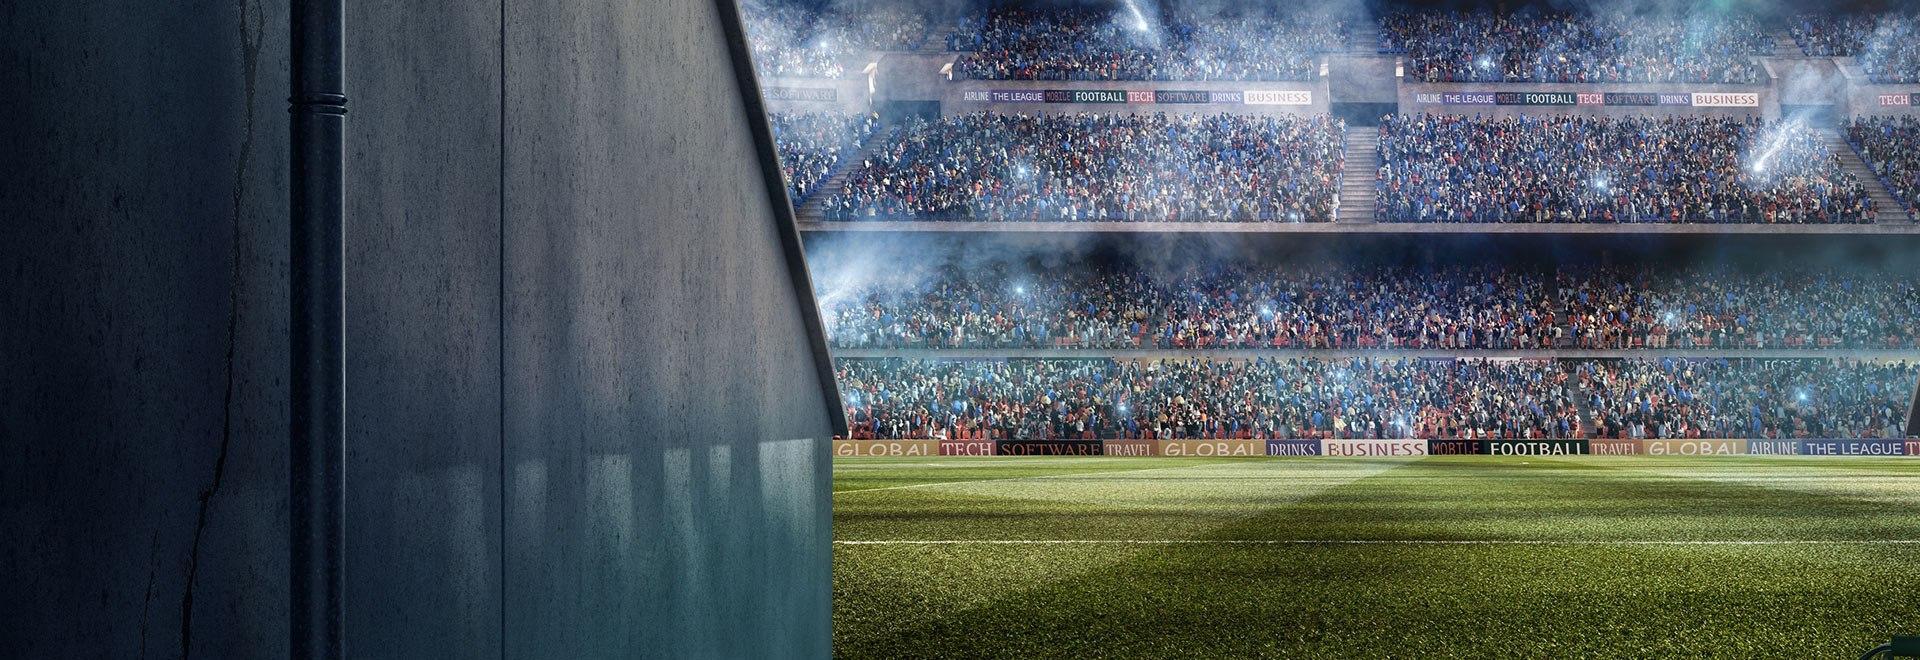 Juventus U23 - Piacenza. 19a g.